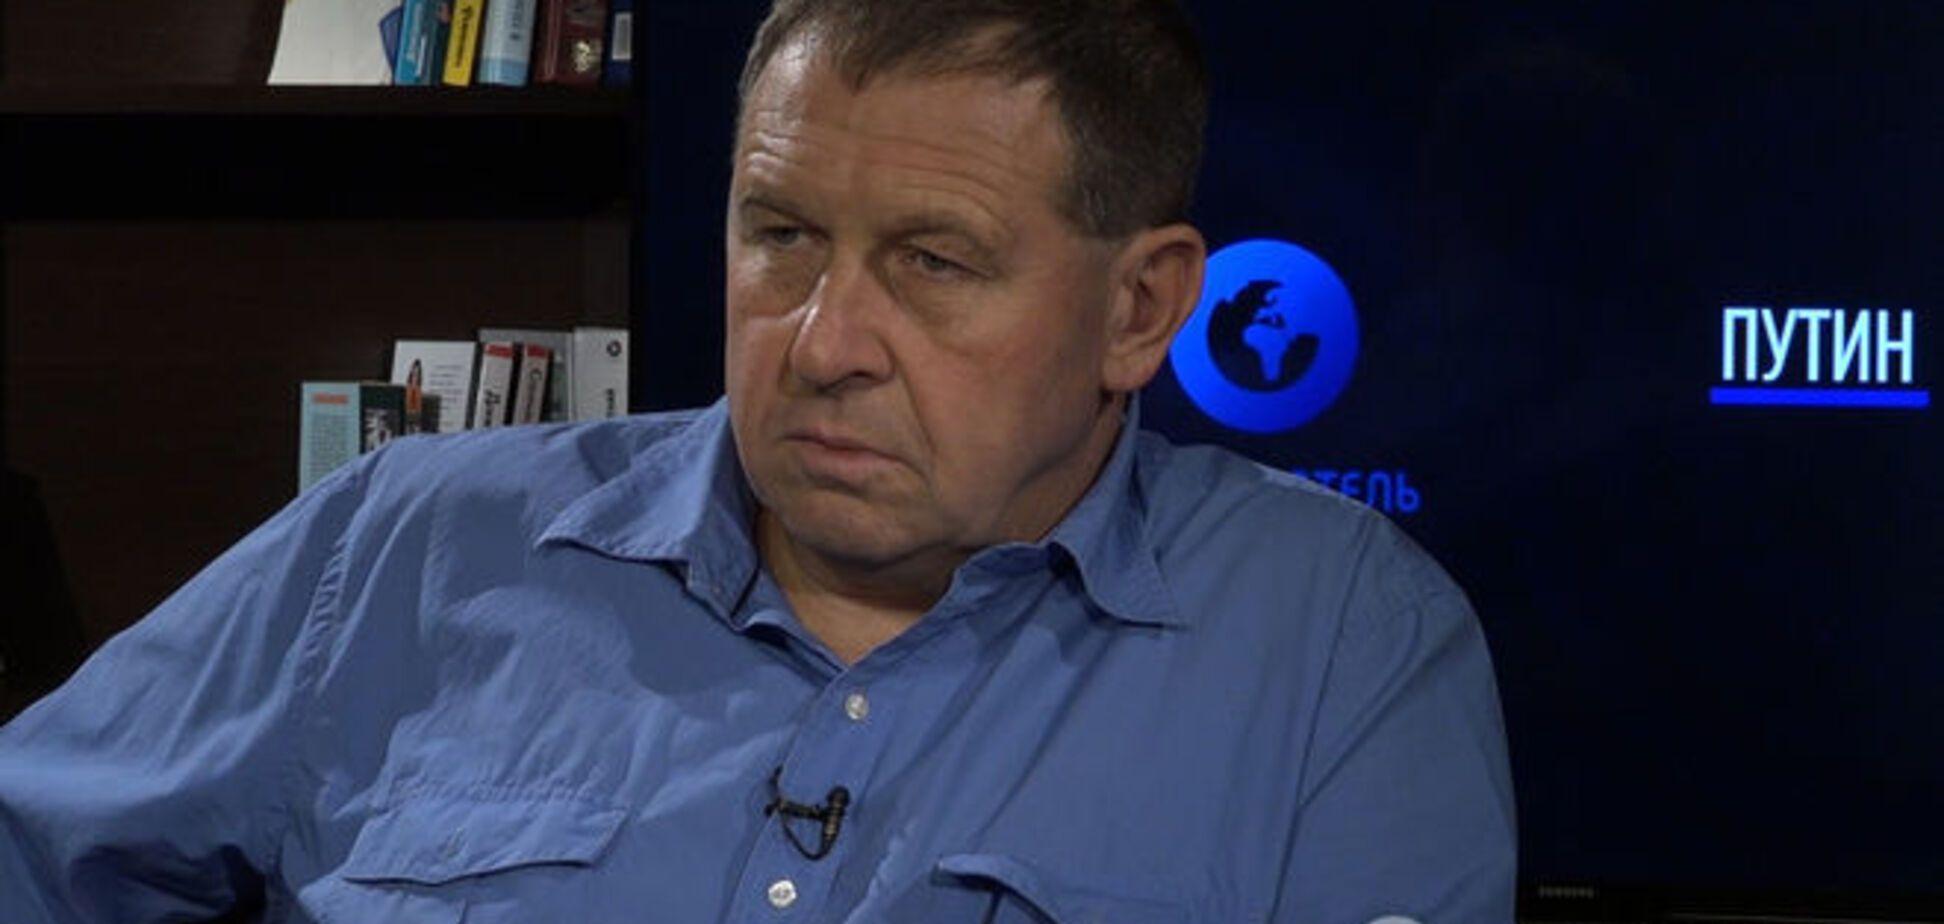 Илларионов о двойниках Путина, наполеоновских планах Кремля и о том, что делать с Донбассом